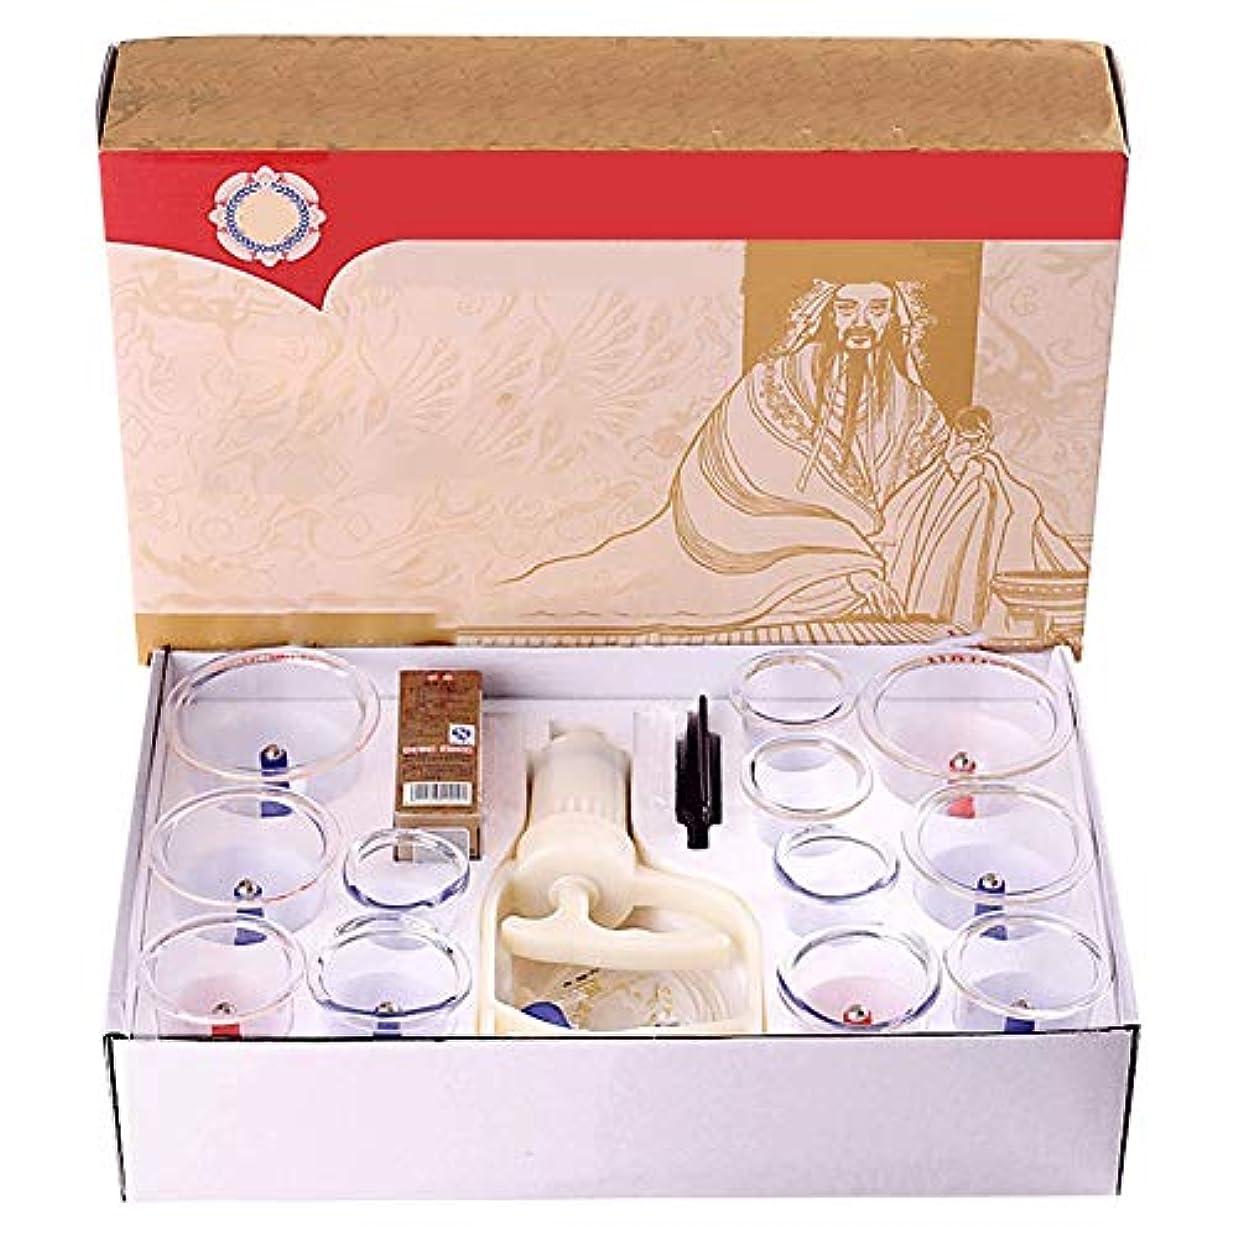 ショートカット有能な目立つマッサージカッピングセット、耐久性のあるプロフェッショナルな中国のツボカッピング療法、ポータブルパッケージ、ボディマッサージの痛みを軽減する理学療法12カップ